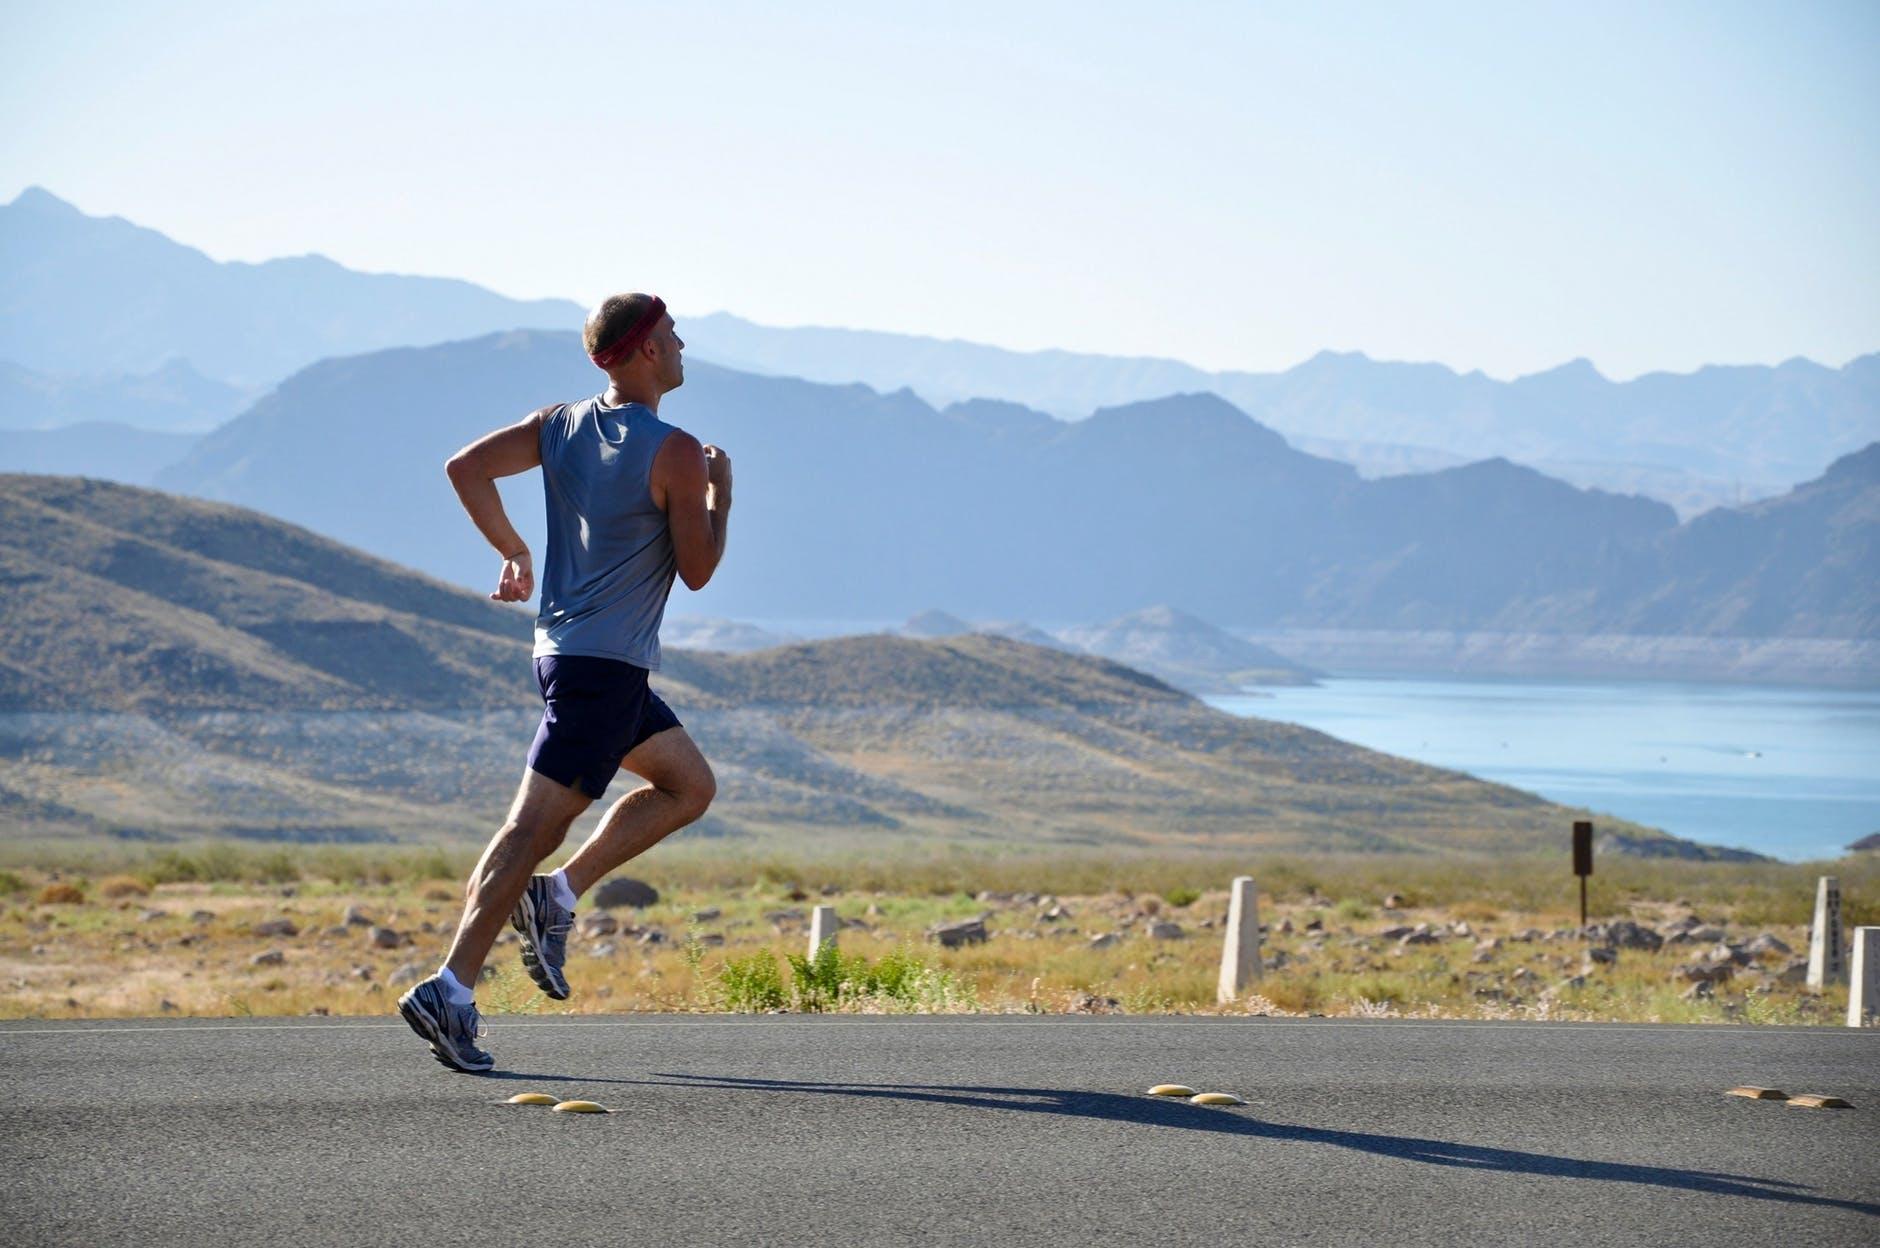 Dlaczego warto zacząć biegać?